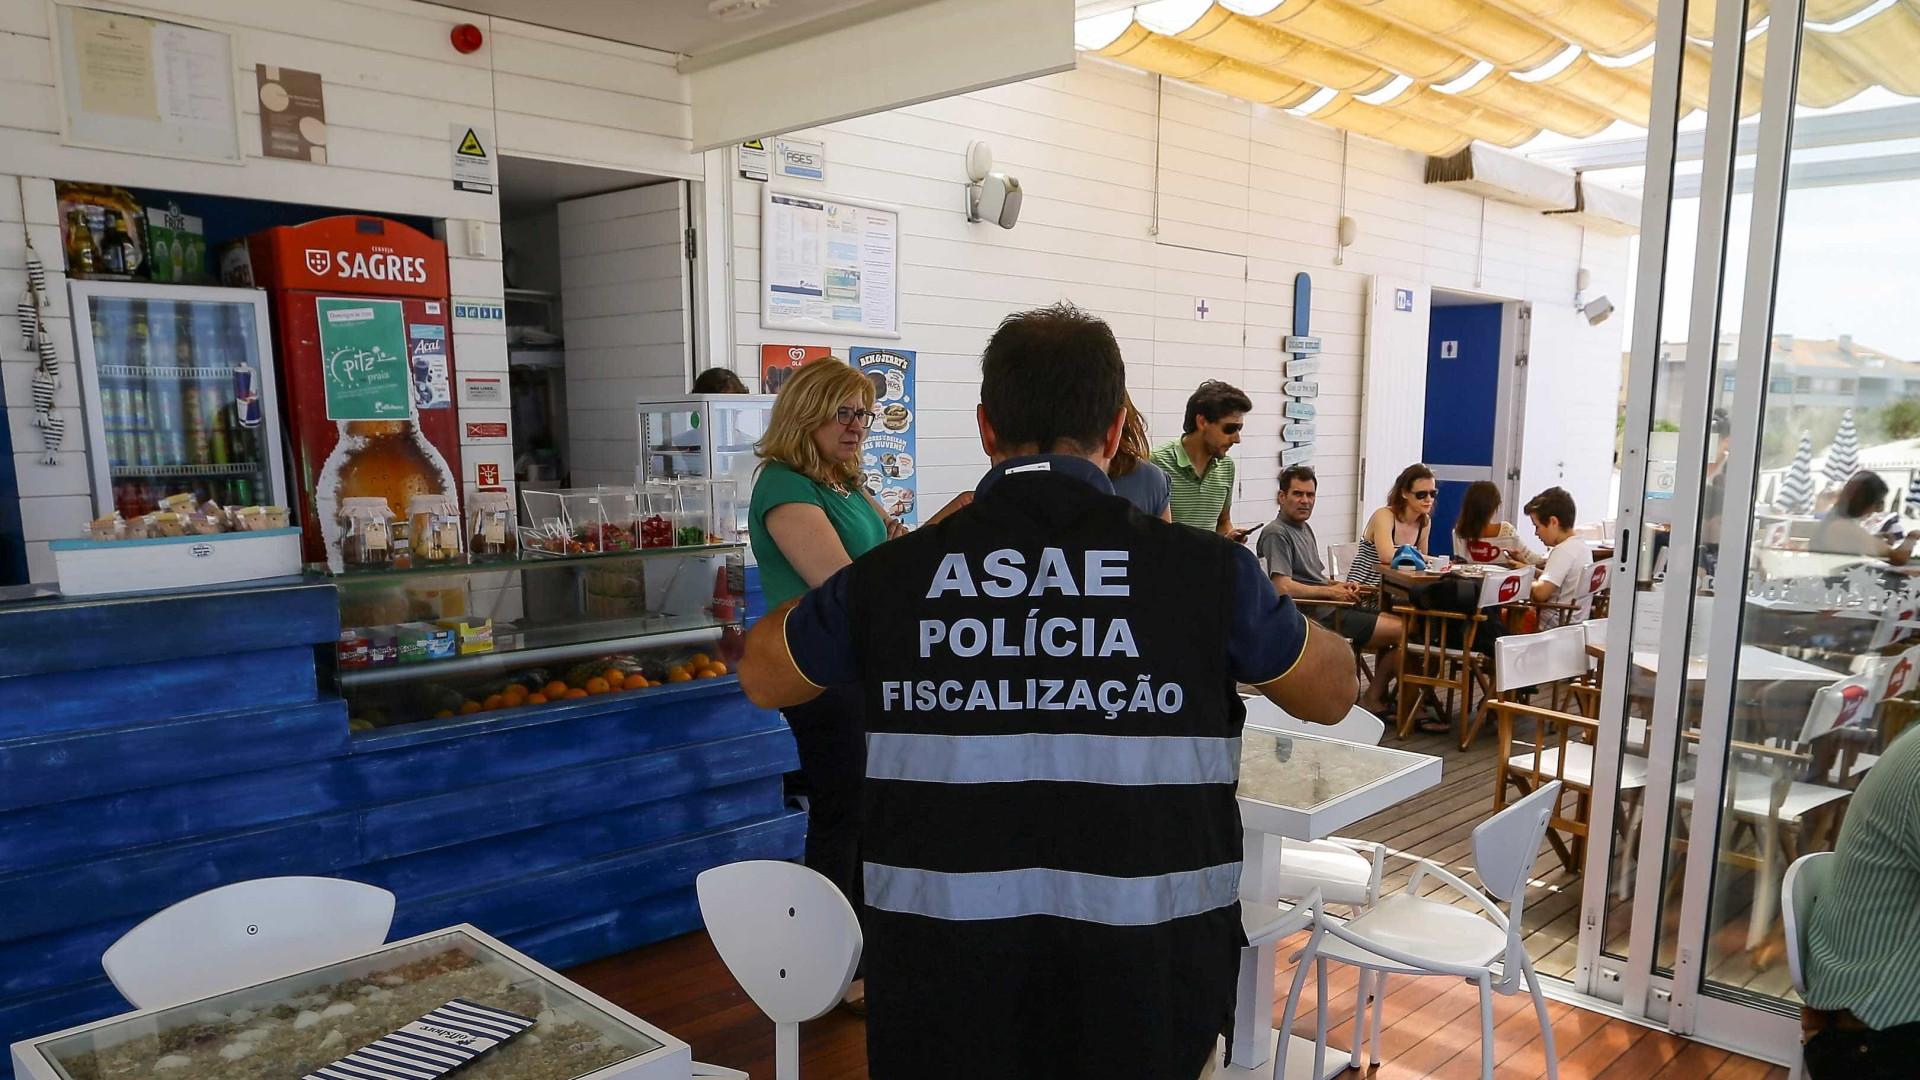 ASAE apreendeu 650 brinquedos em operação de fiscalização de segurança